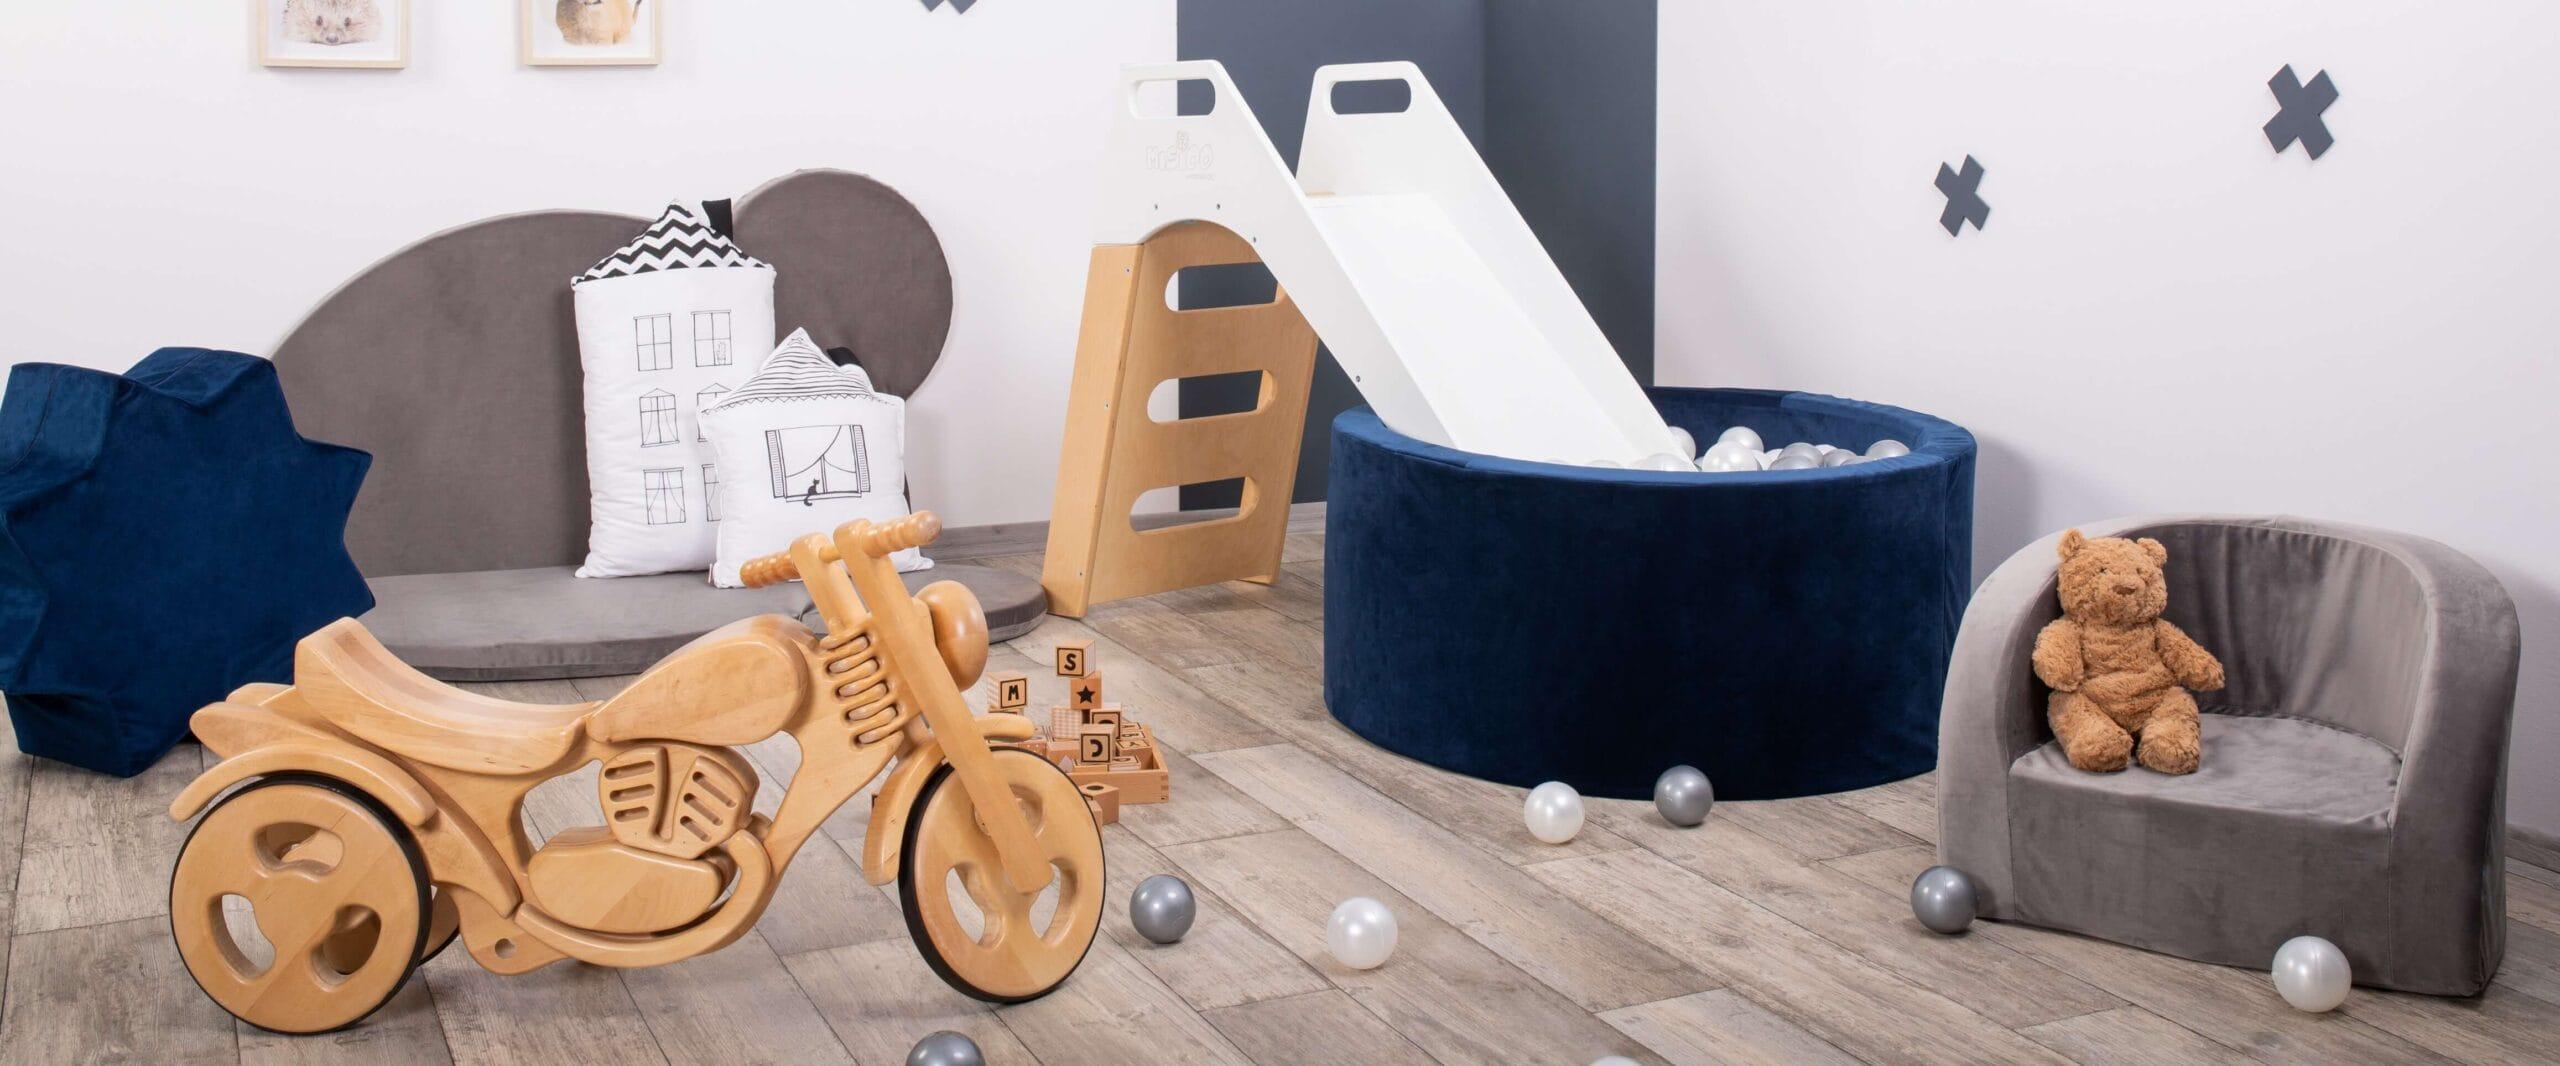 Wie reinigt man Holzspielzeuge?